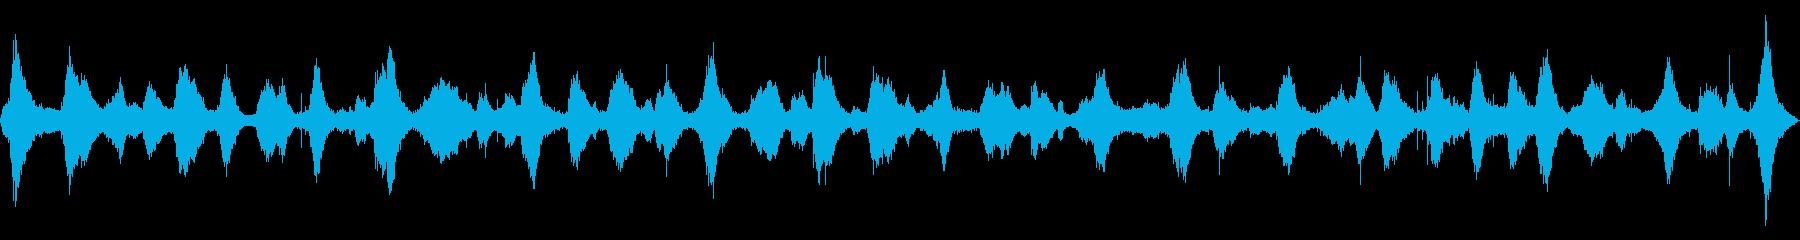 波の音 【大浜海岸、徳島、夏、夕方】の再生済みの波形